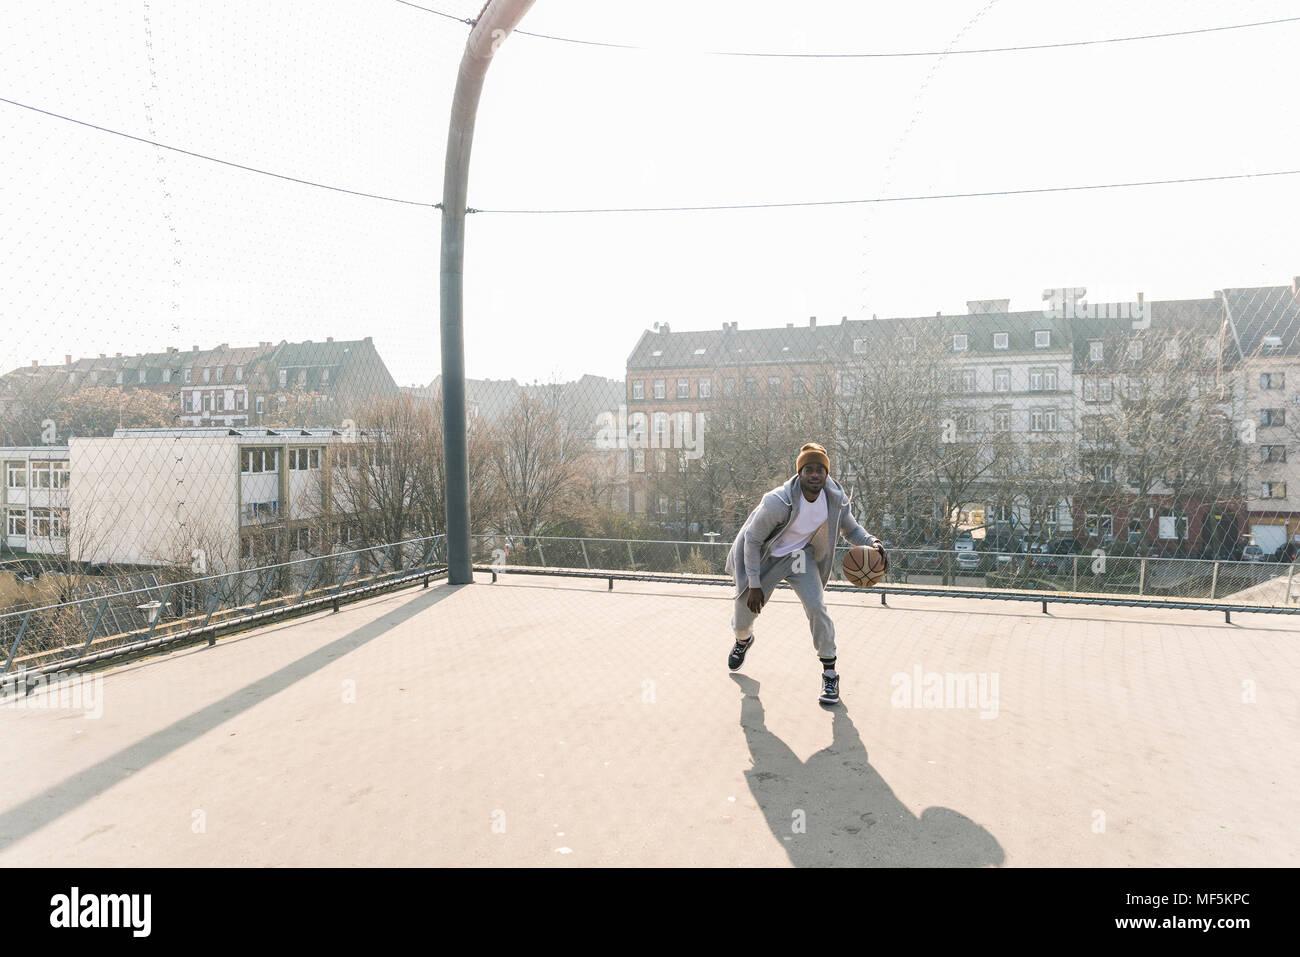 El jugador de baloncesto en acción en la cancha Foto de stock